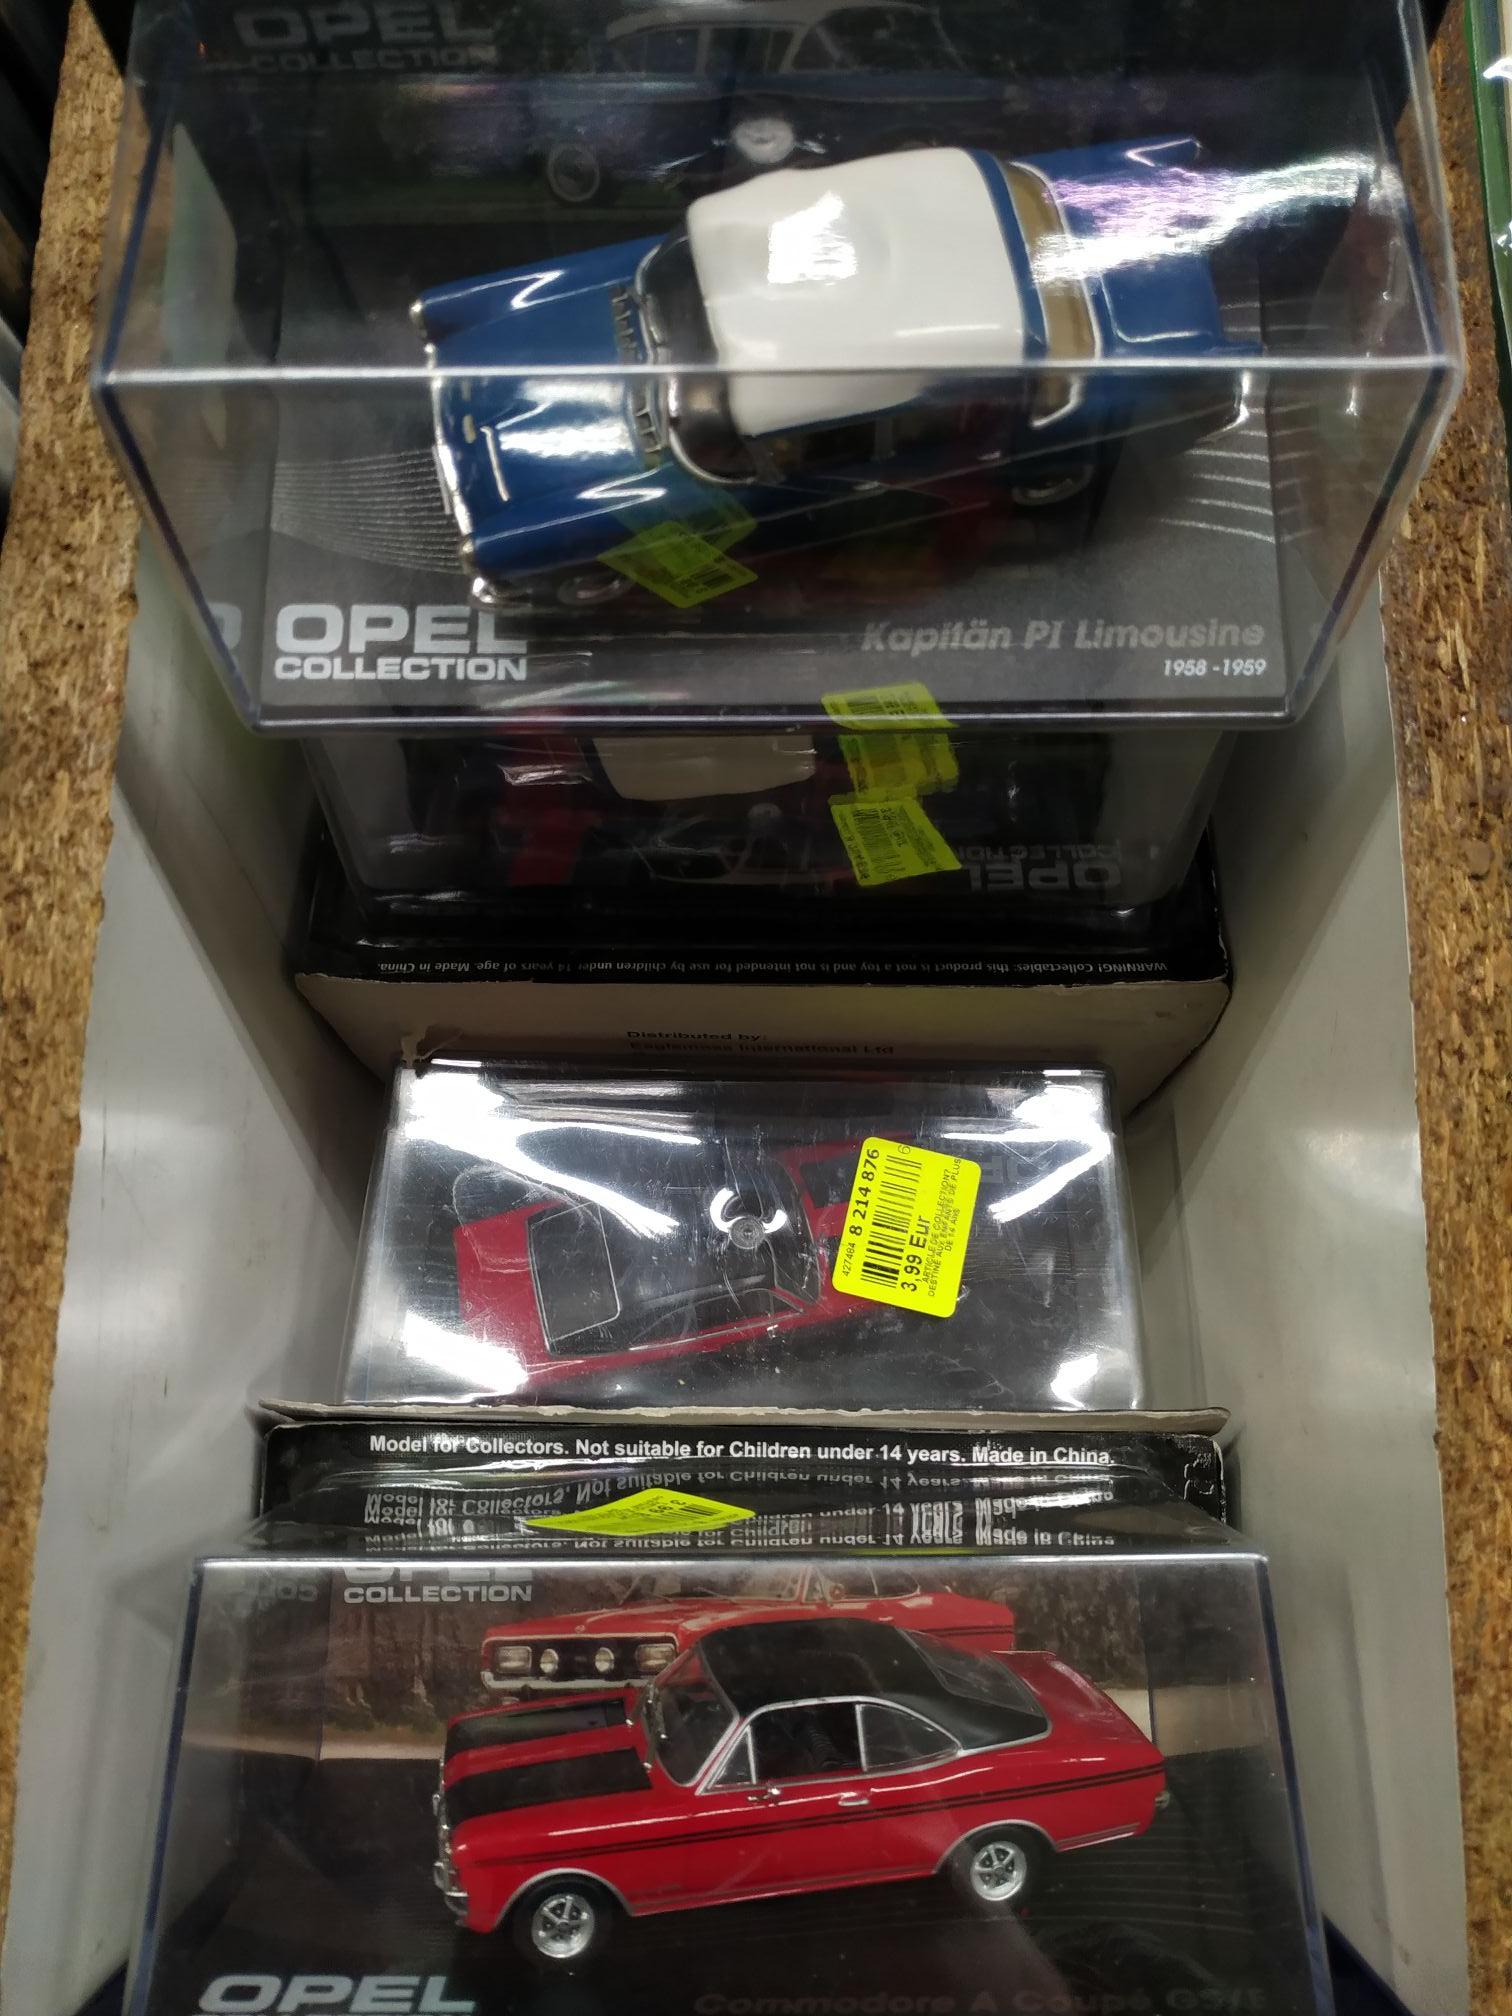 Voiture de collection Opel (différents modèles) - Niort (79)